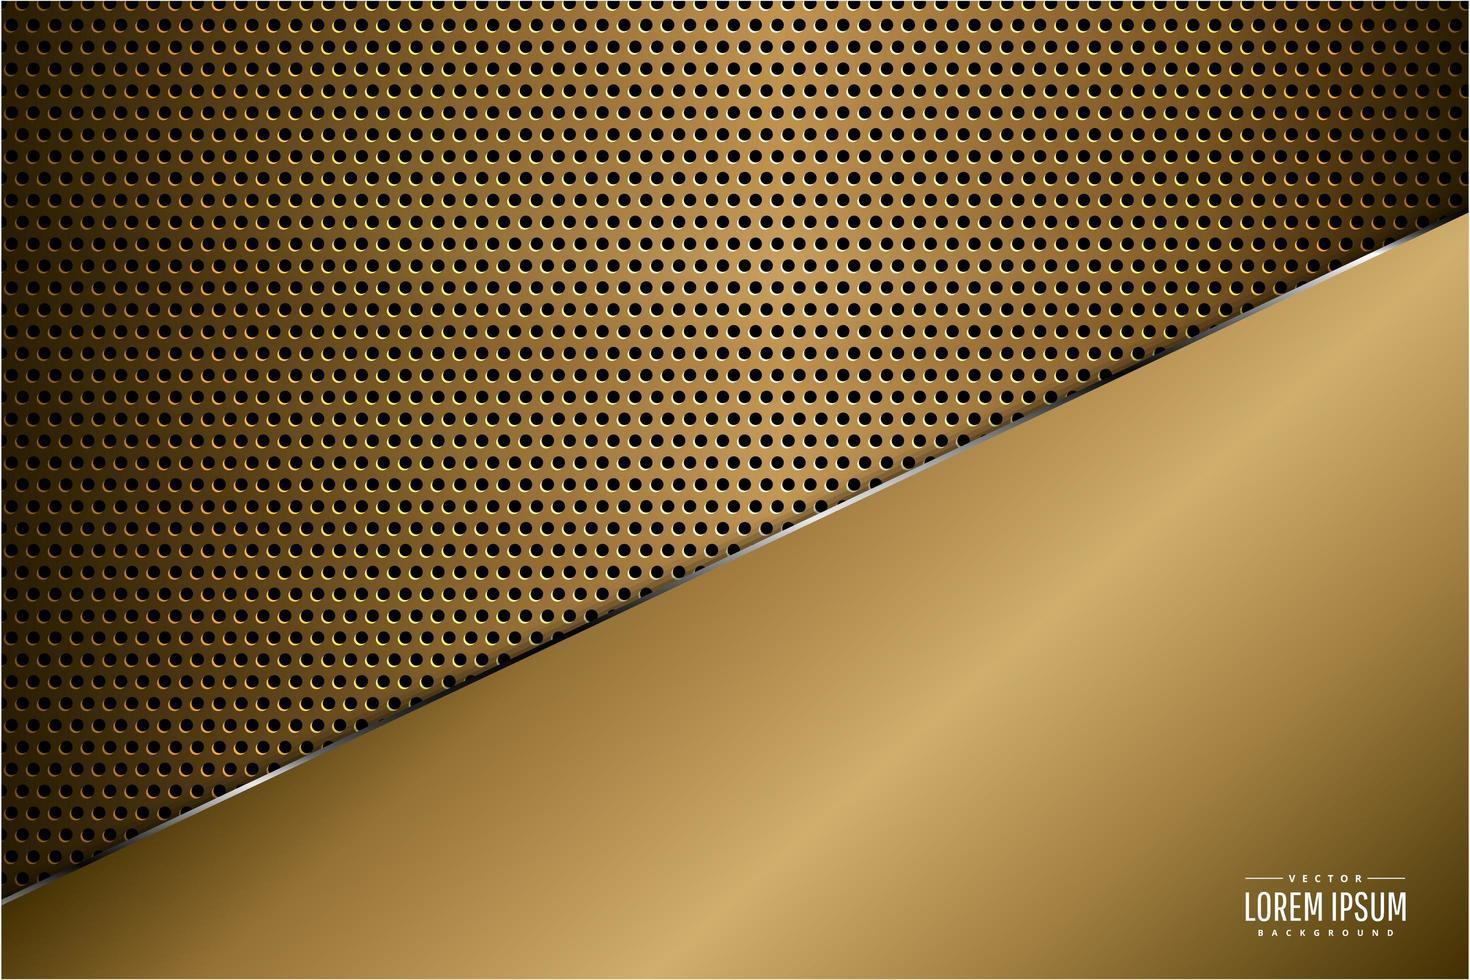 panel dorado metálico de lujo sobre textura de fibra de carbono vector